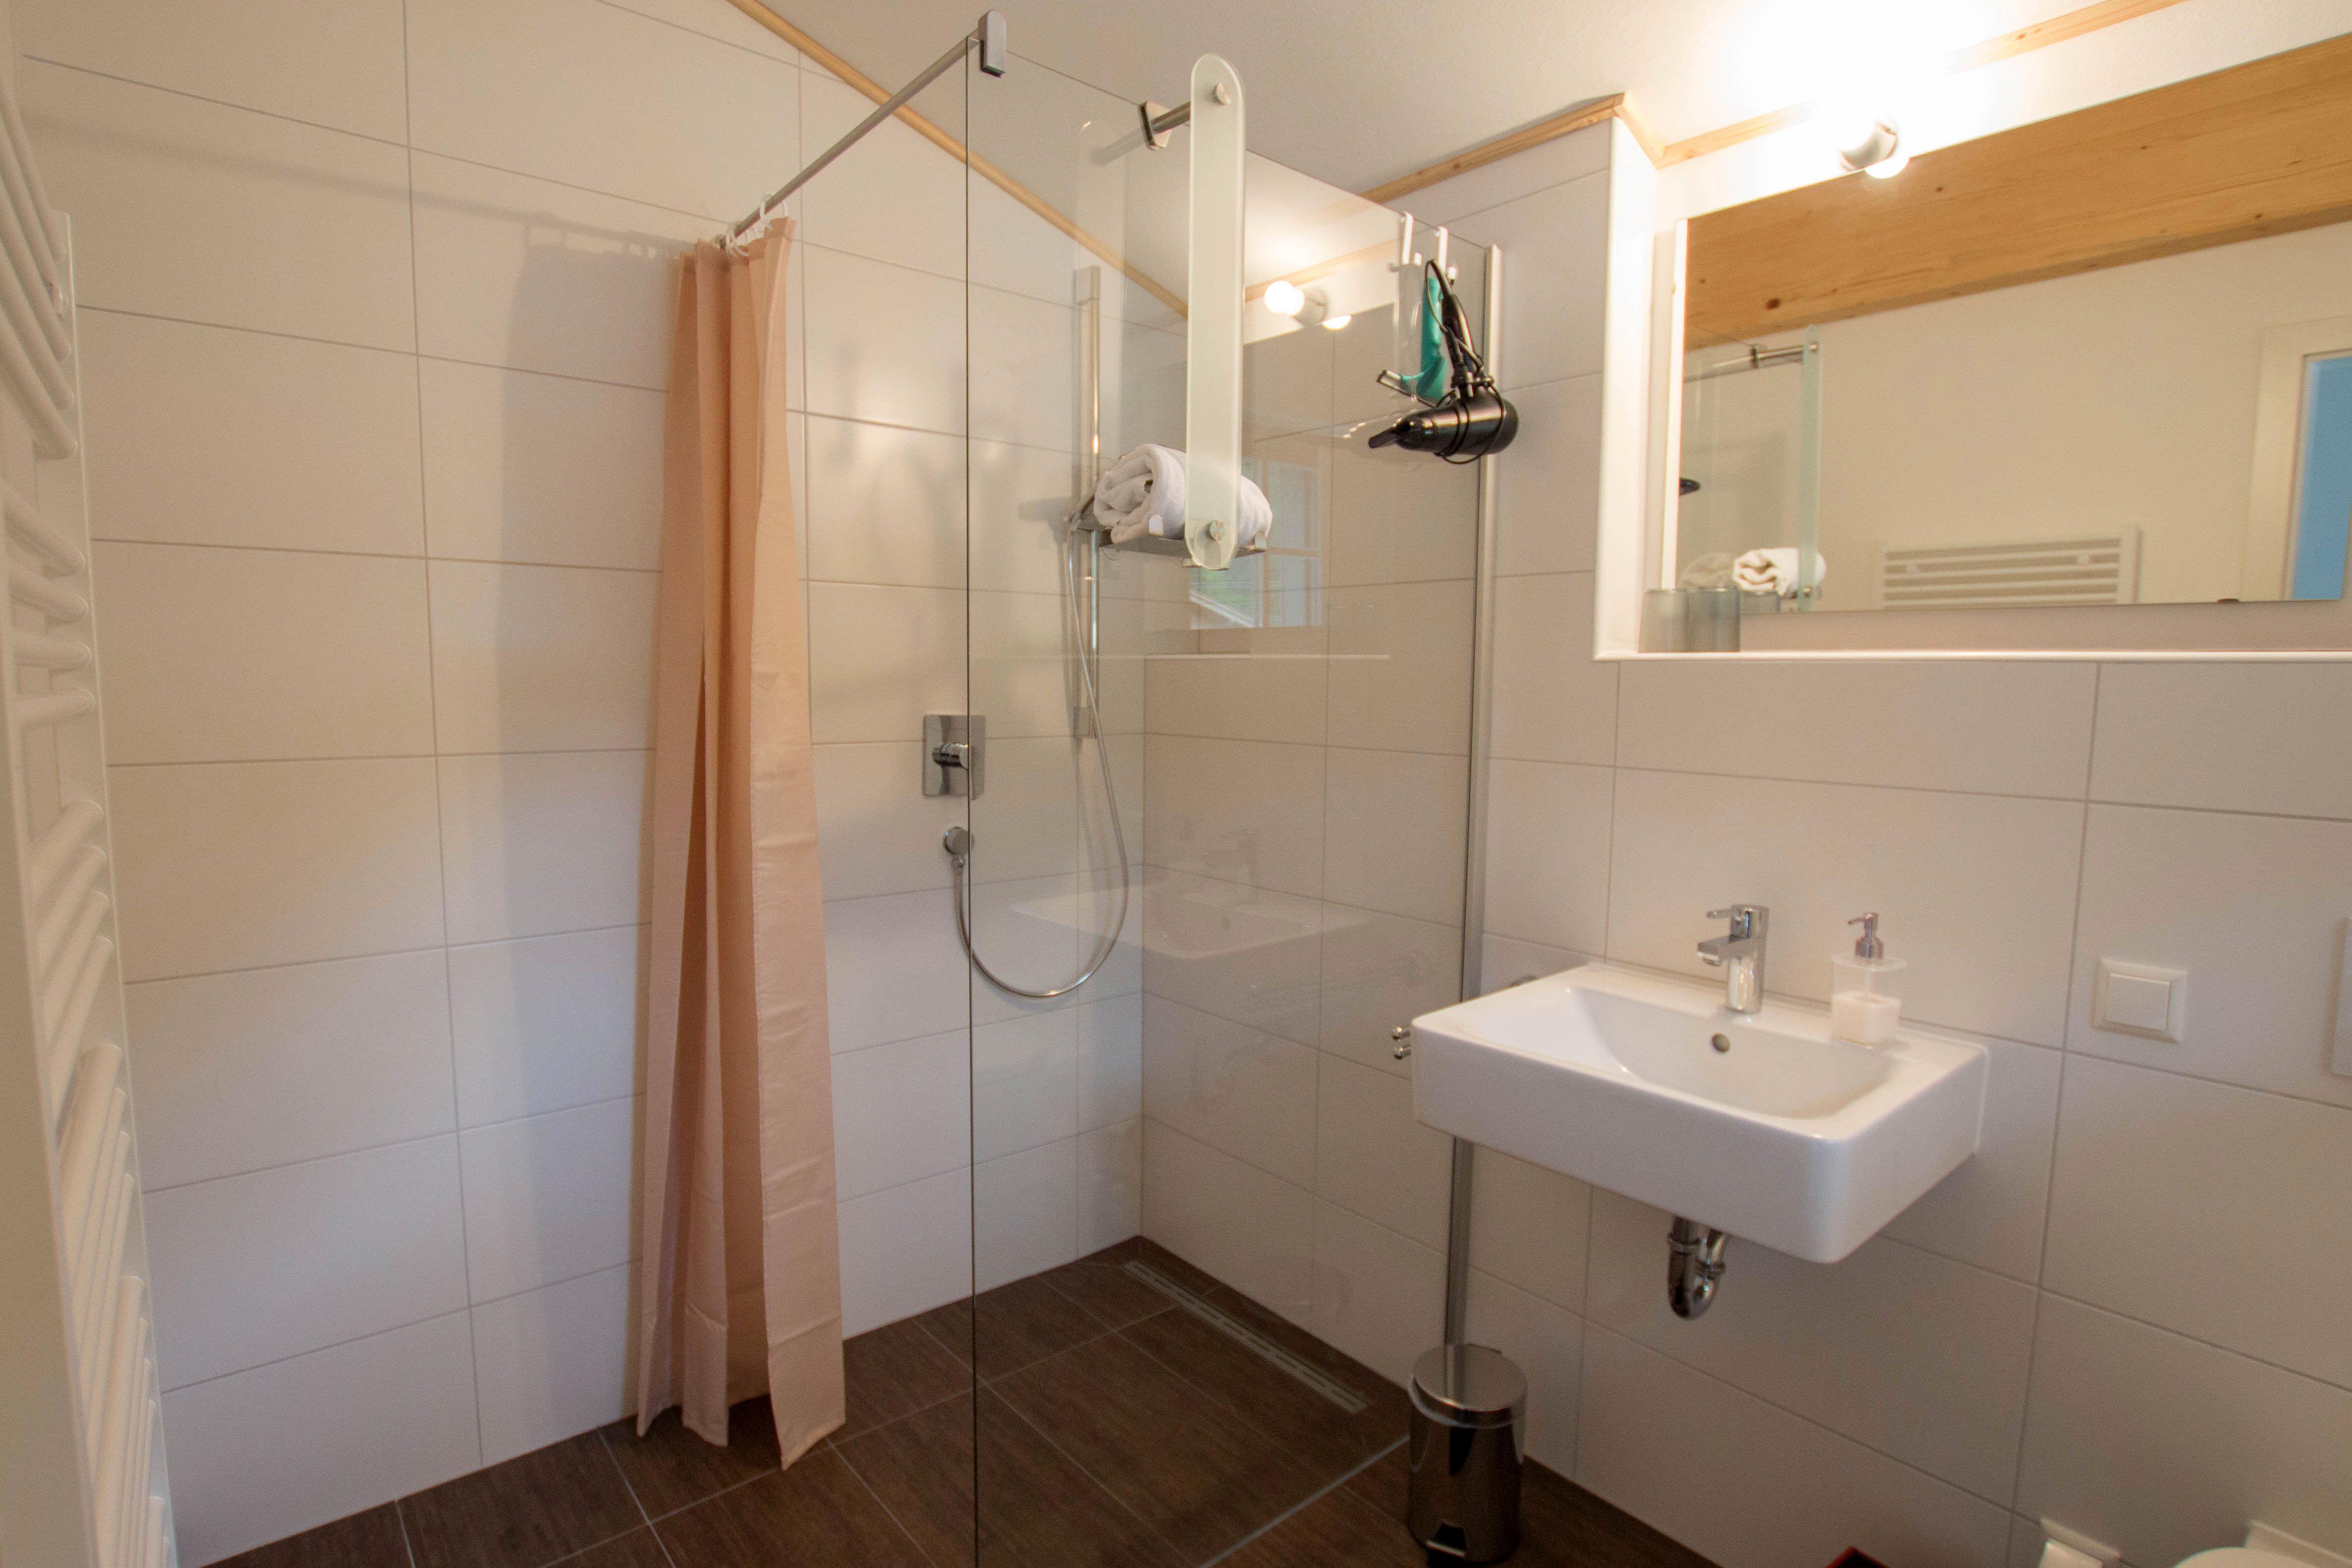 Maison de vacances Lodge Wildrose, direkt am Skilift für 6-8 (2050392), Uttendorf, Pinzgau, Salzbourg, Autriche, image 17